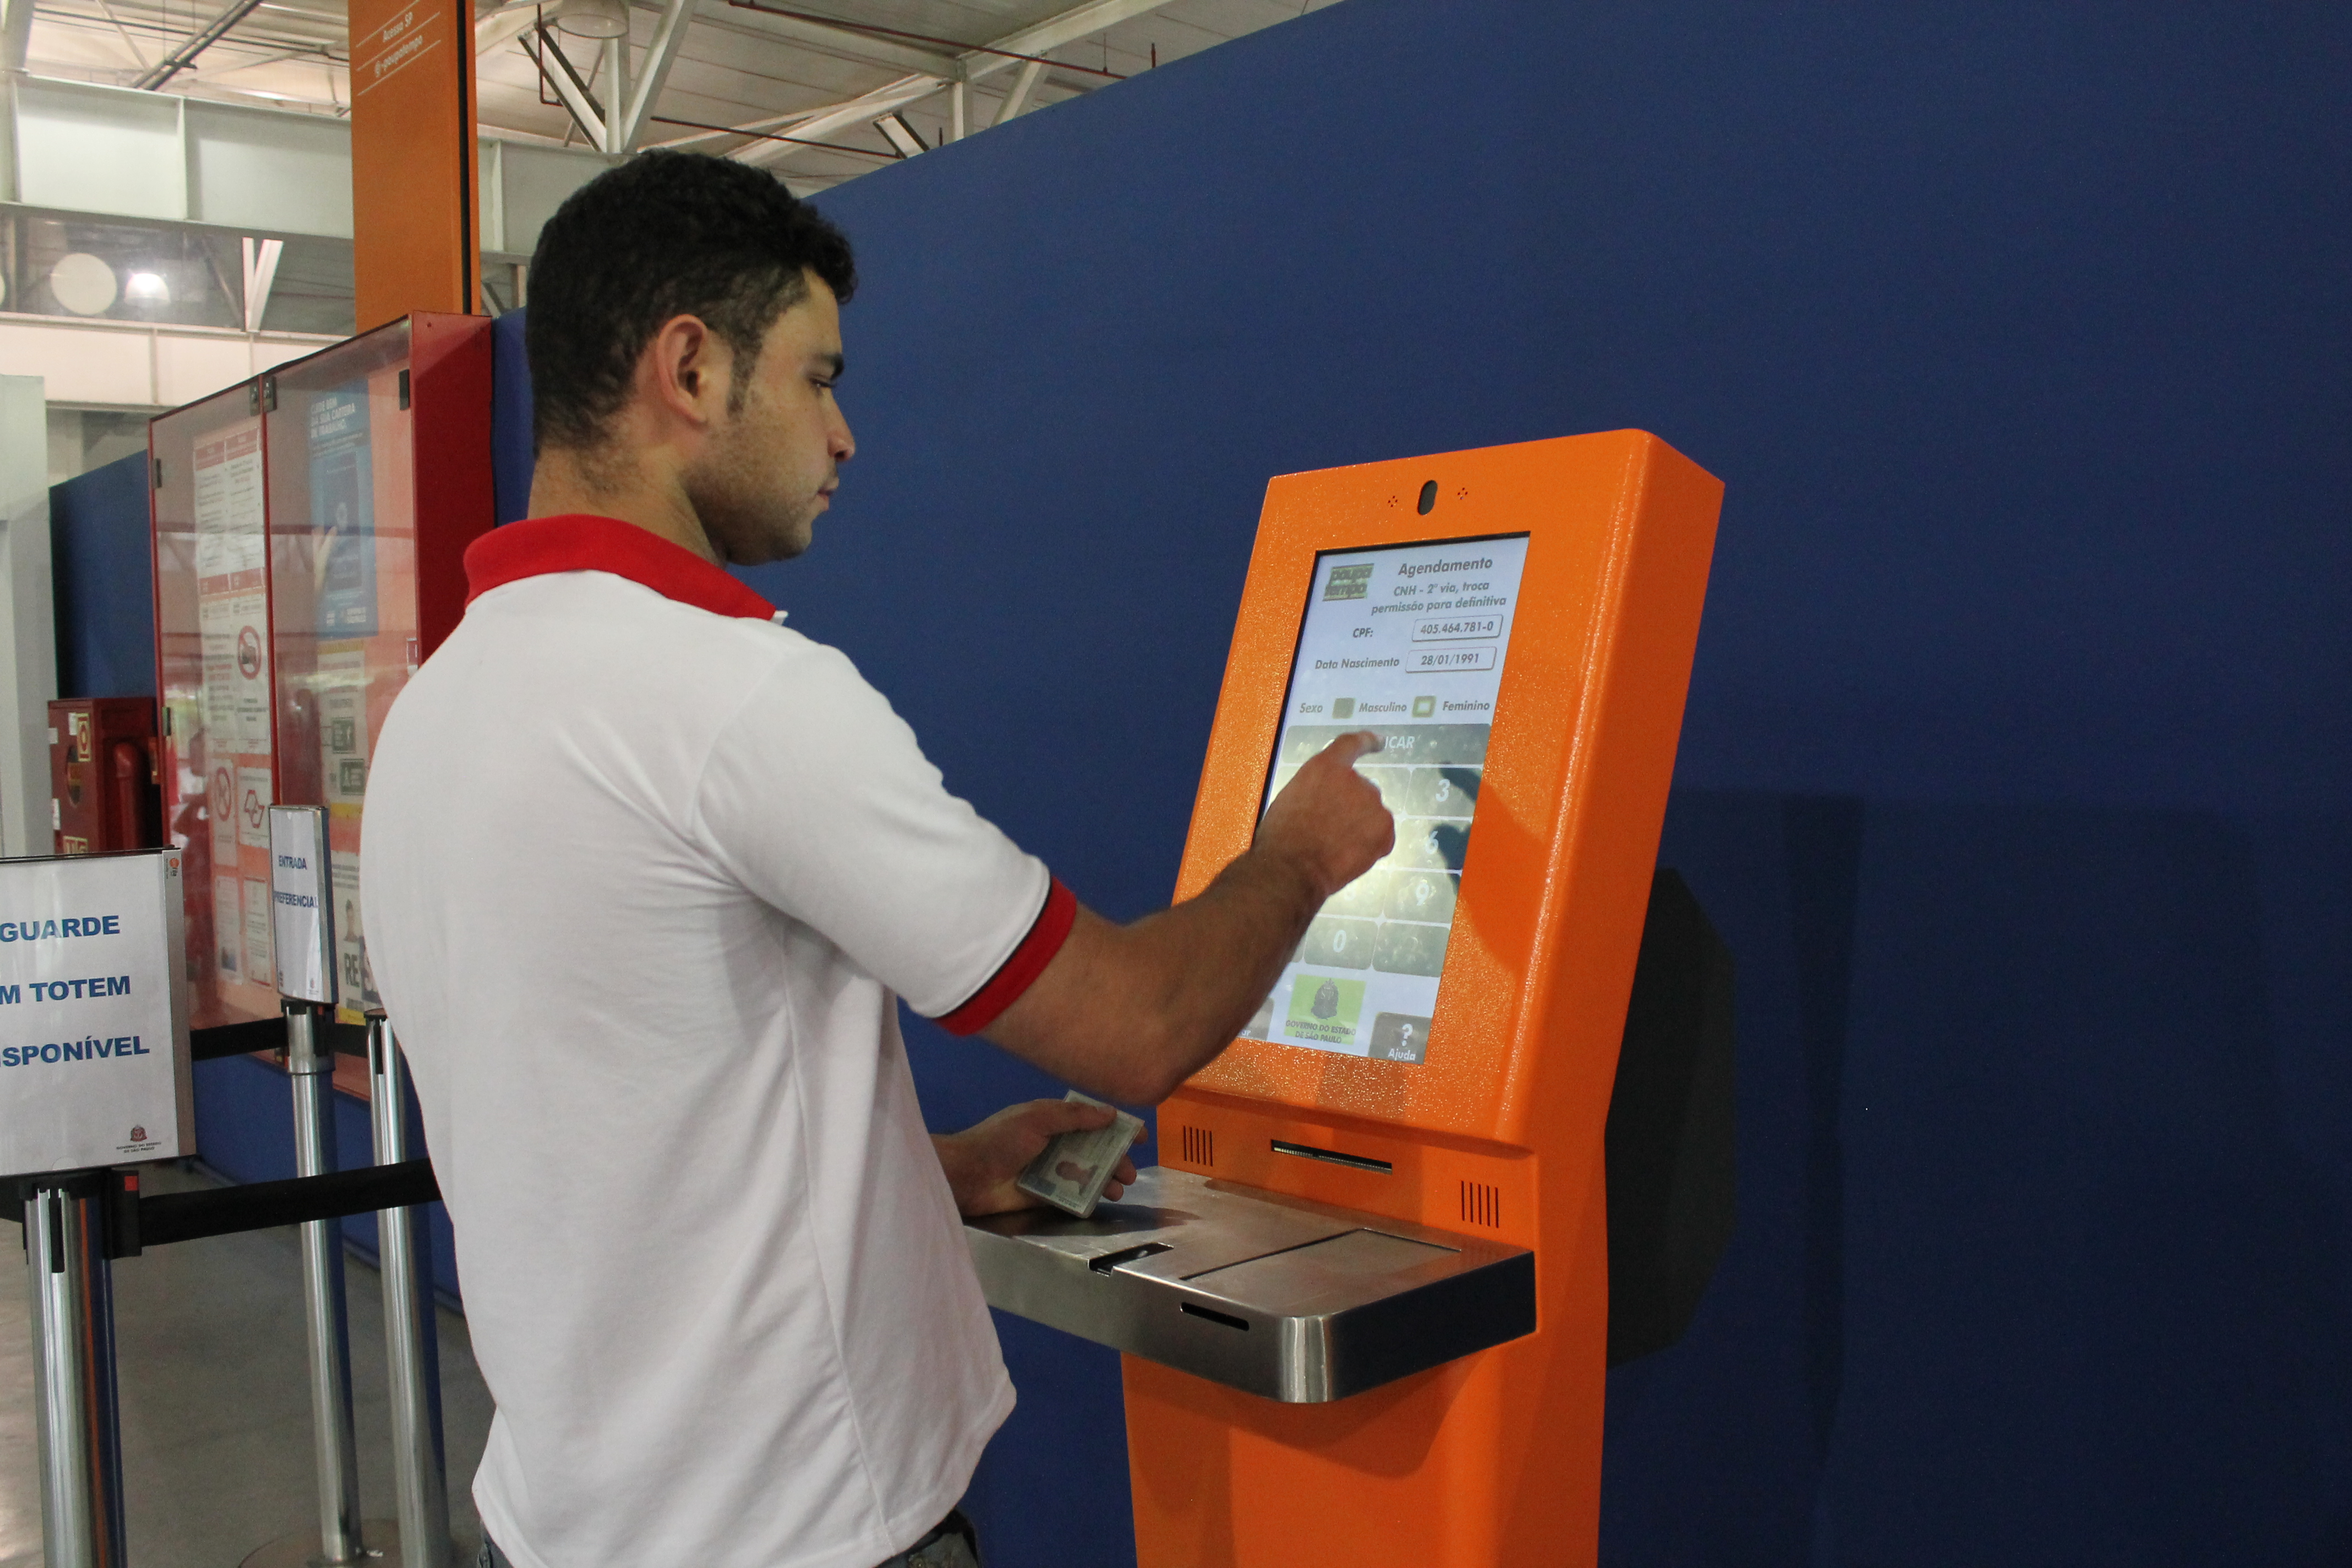 Shoppings e supermercados podem ter máquina automática do Poupatempo